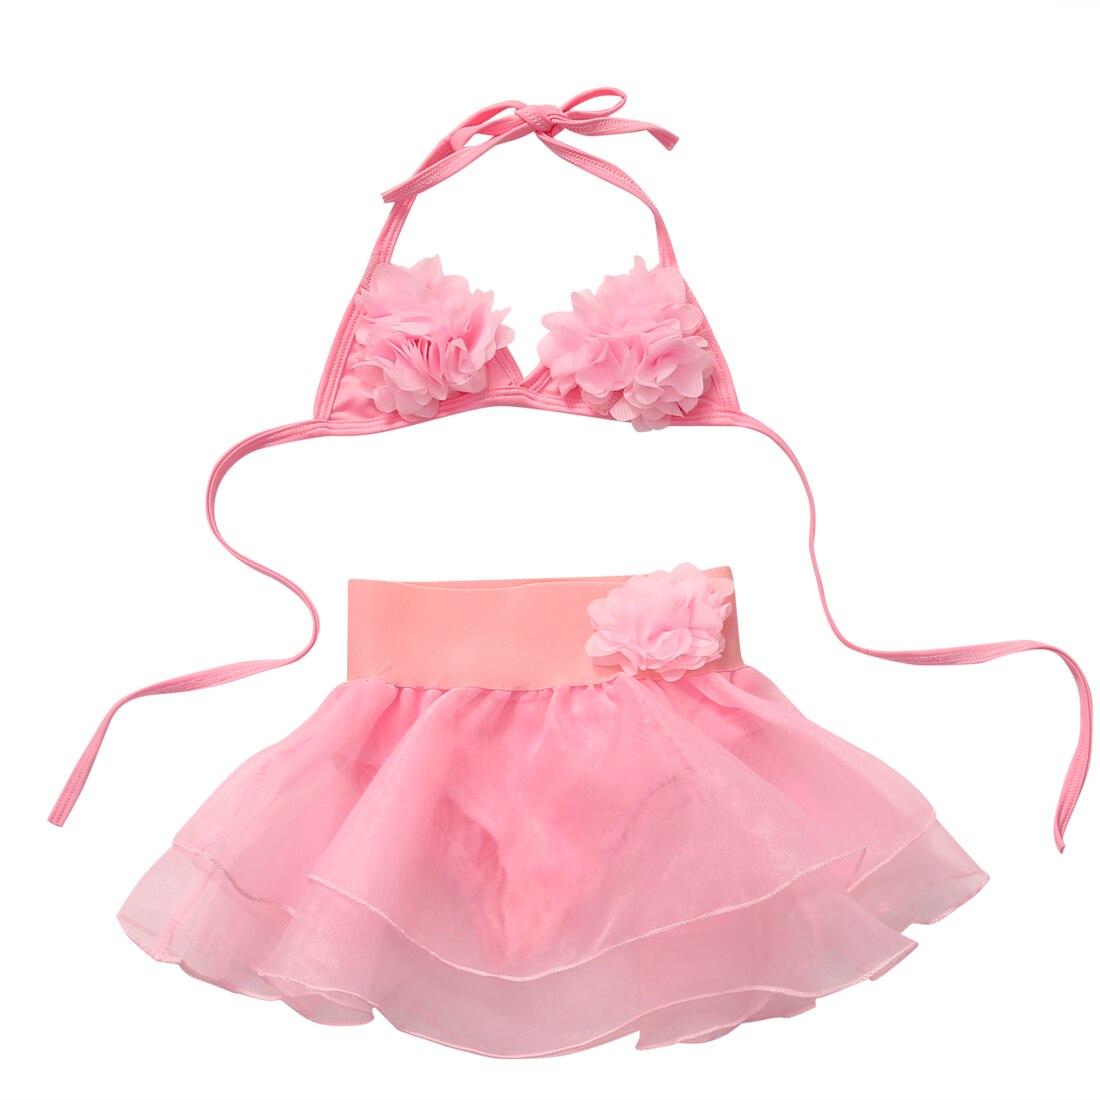 Kids Girl Children Pink Swimsuit Swimwear Kostium kąpielowy Bikini - Ubrania sportowe i akcesoria - Zdjęcie 1